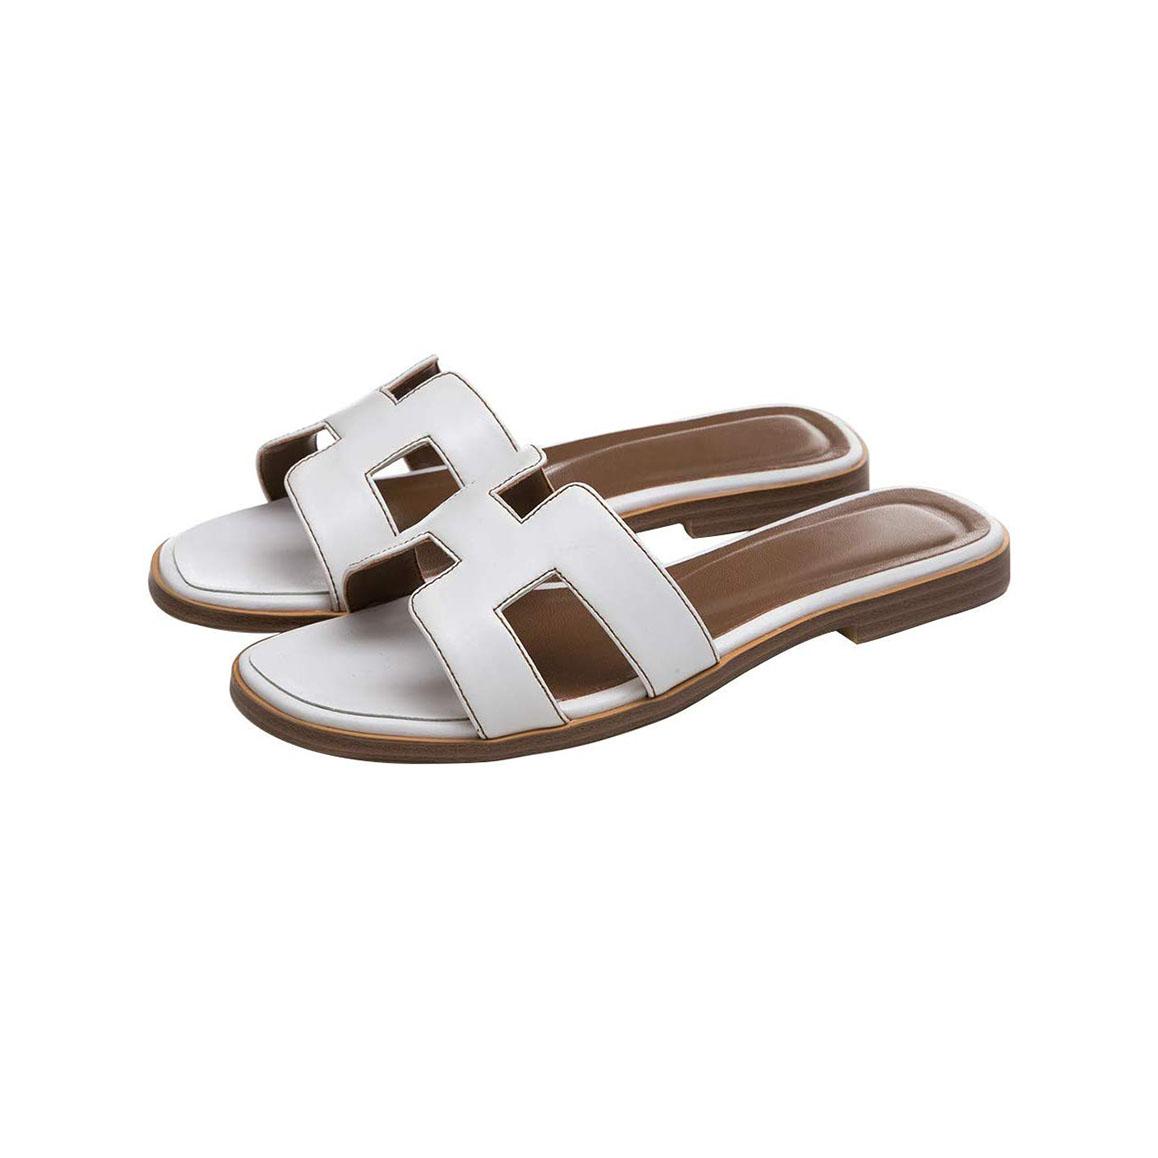 oran-sandal-hermes-amazon-dupe.jpg